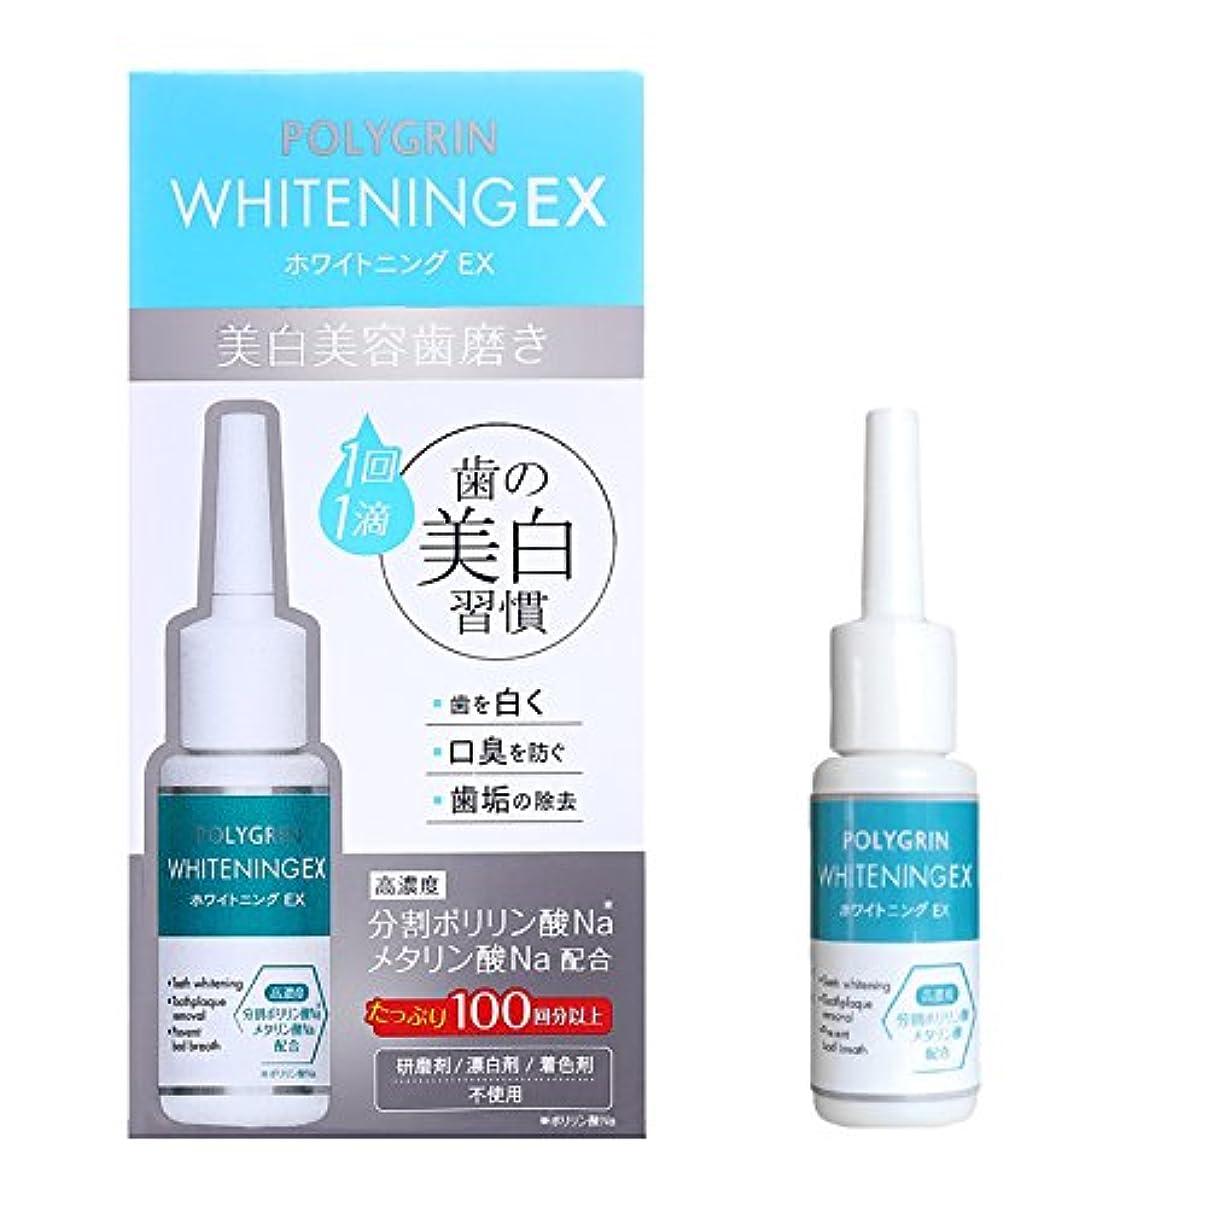 十分ですベットつらいポリグリン(POLYGRIN) ホワイトニングEX 10ml